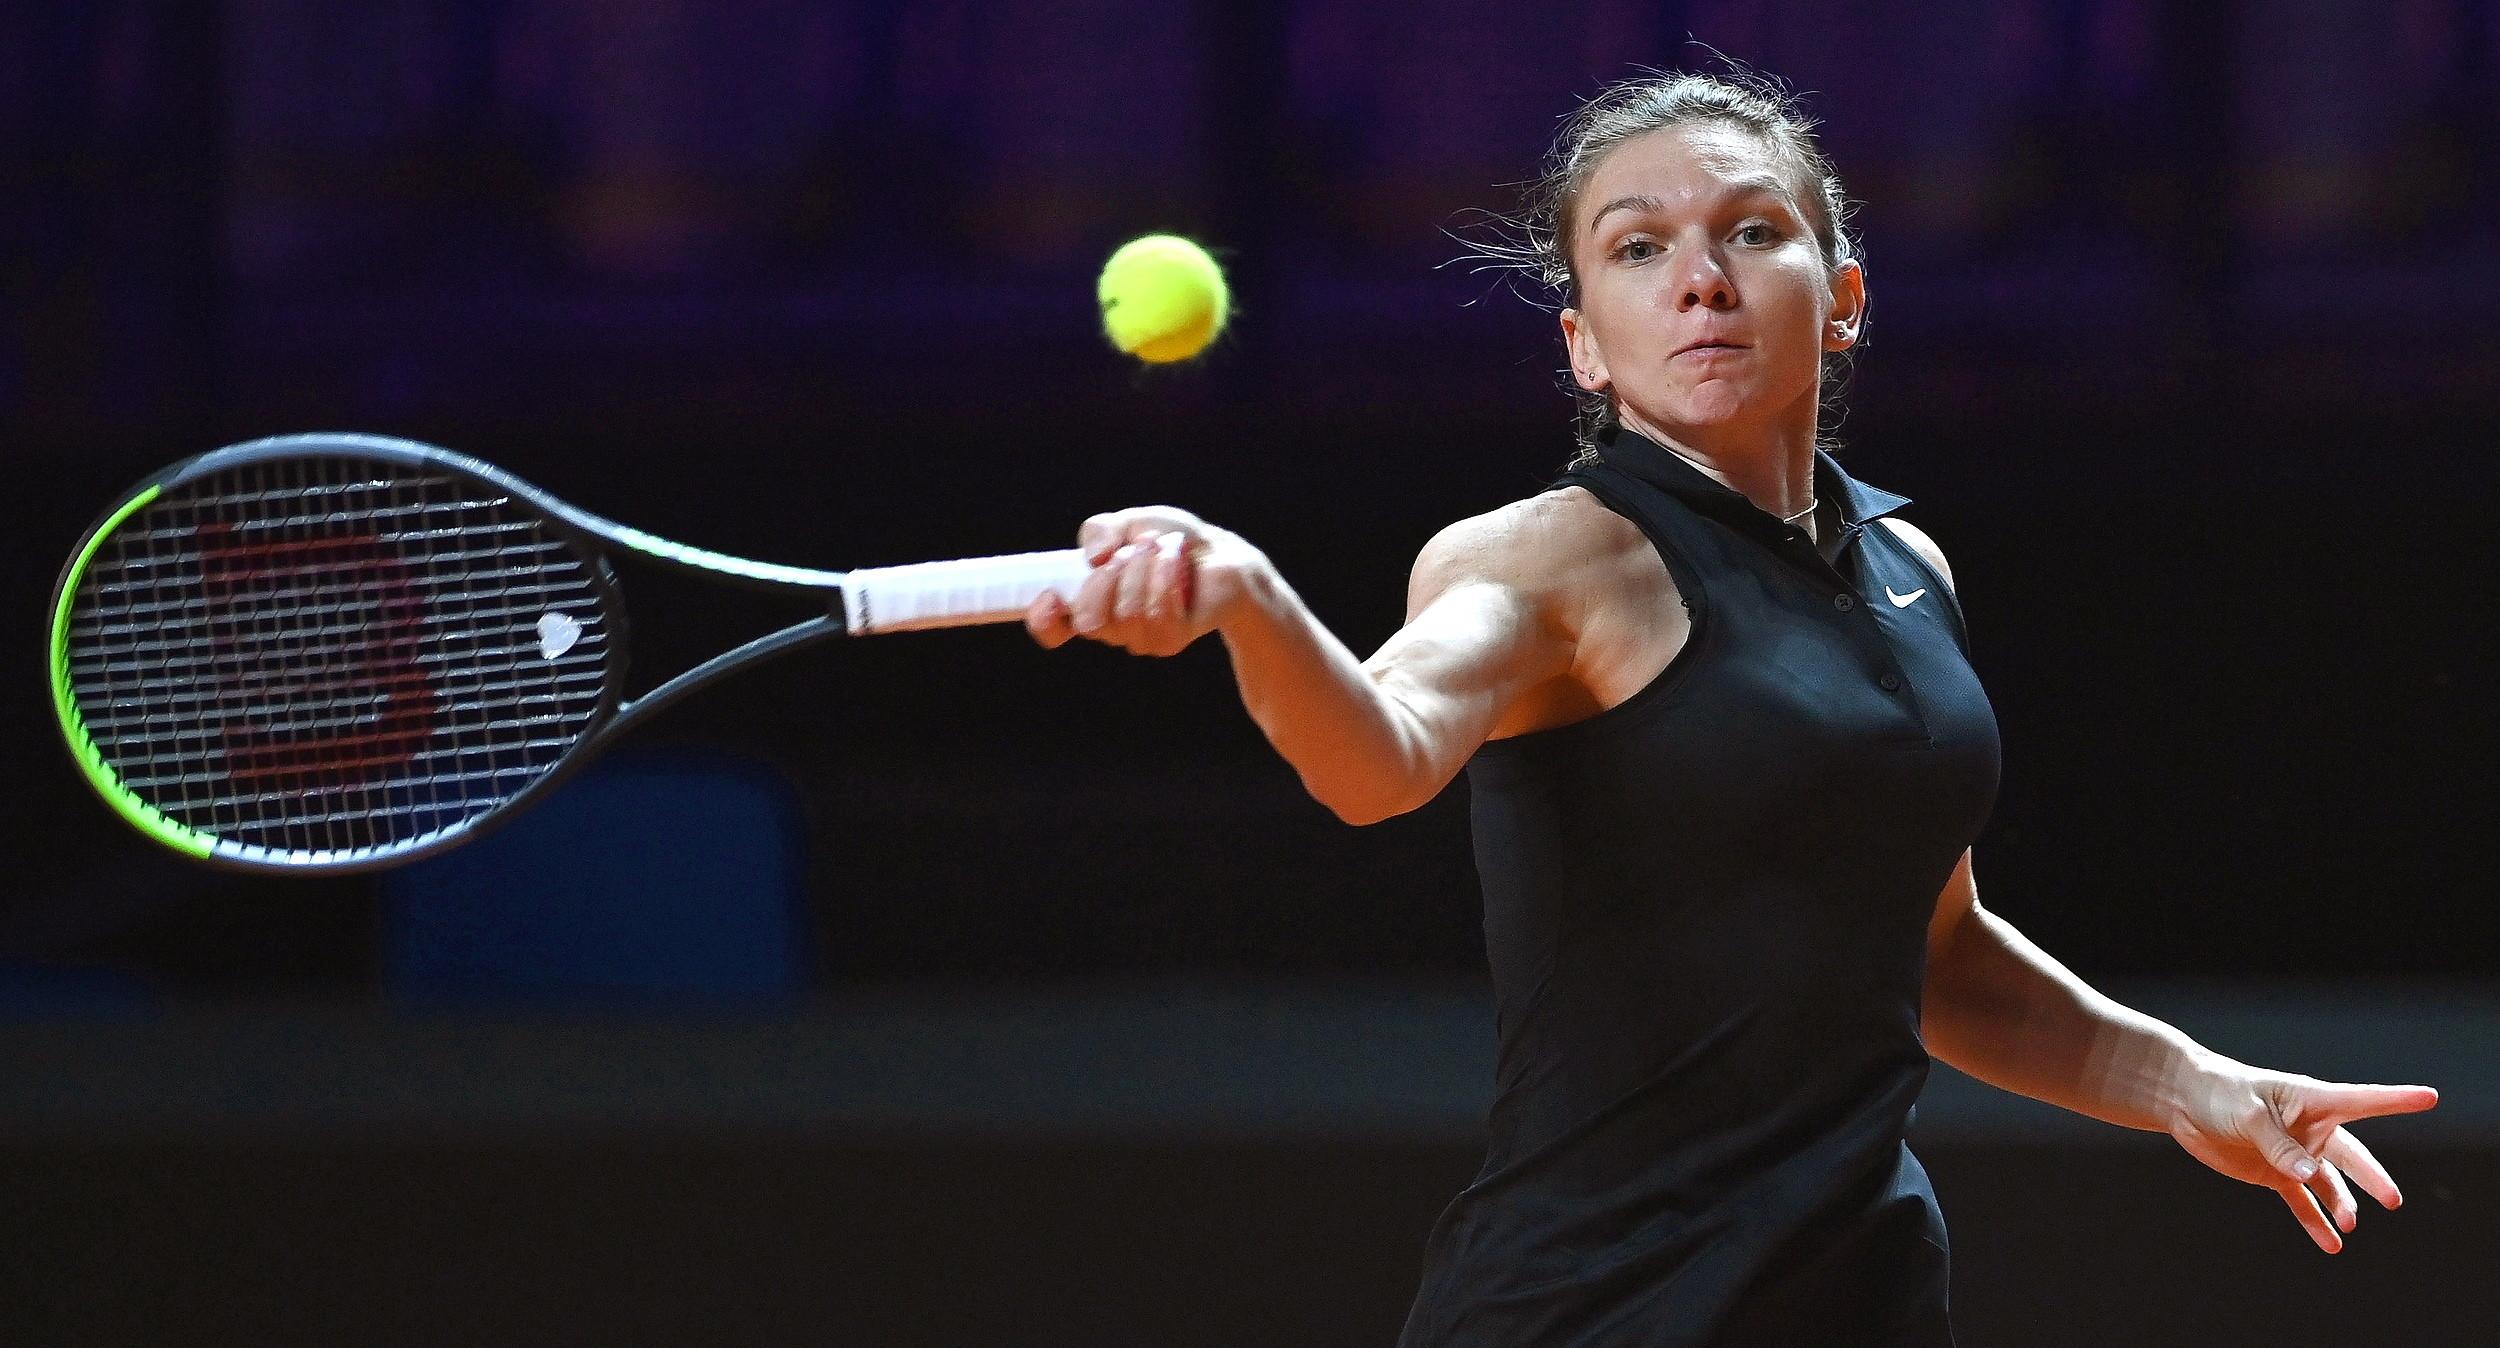 Simona Halep s-a calificat în turul trei la Madrid. Românca a trecut cu 2-0 de Saisai Zheng